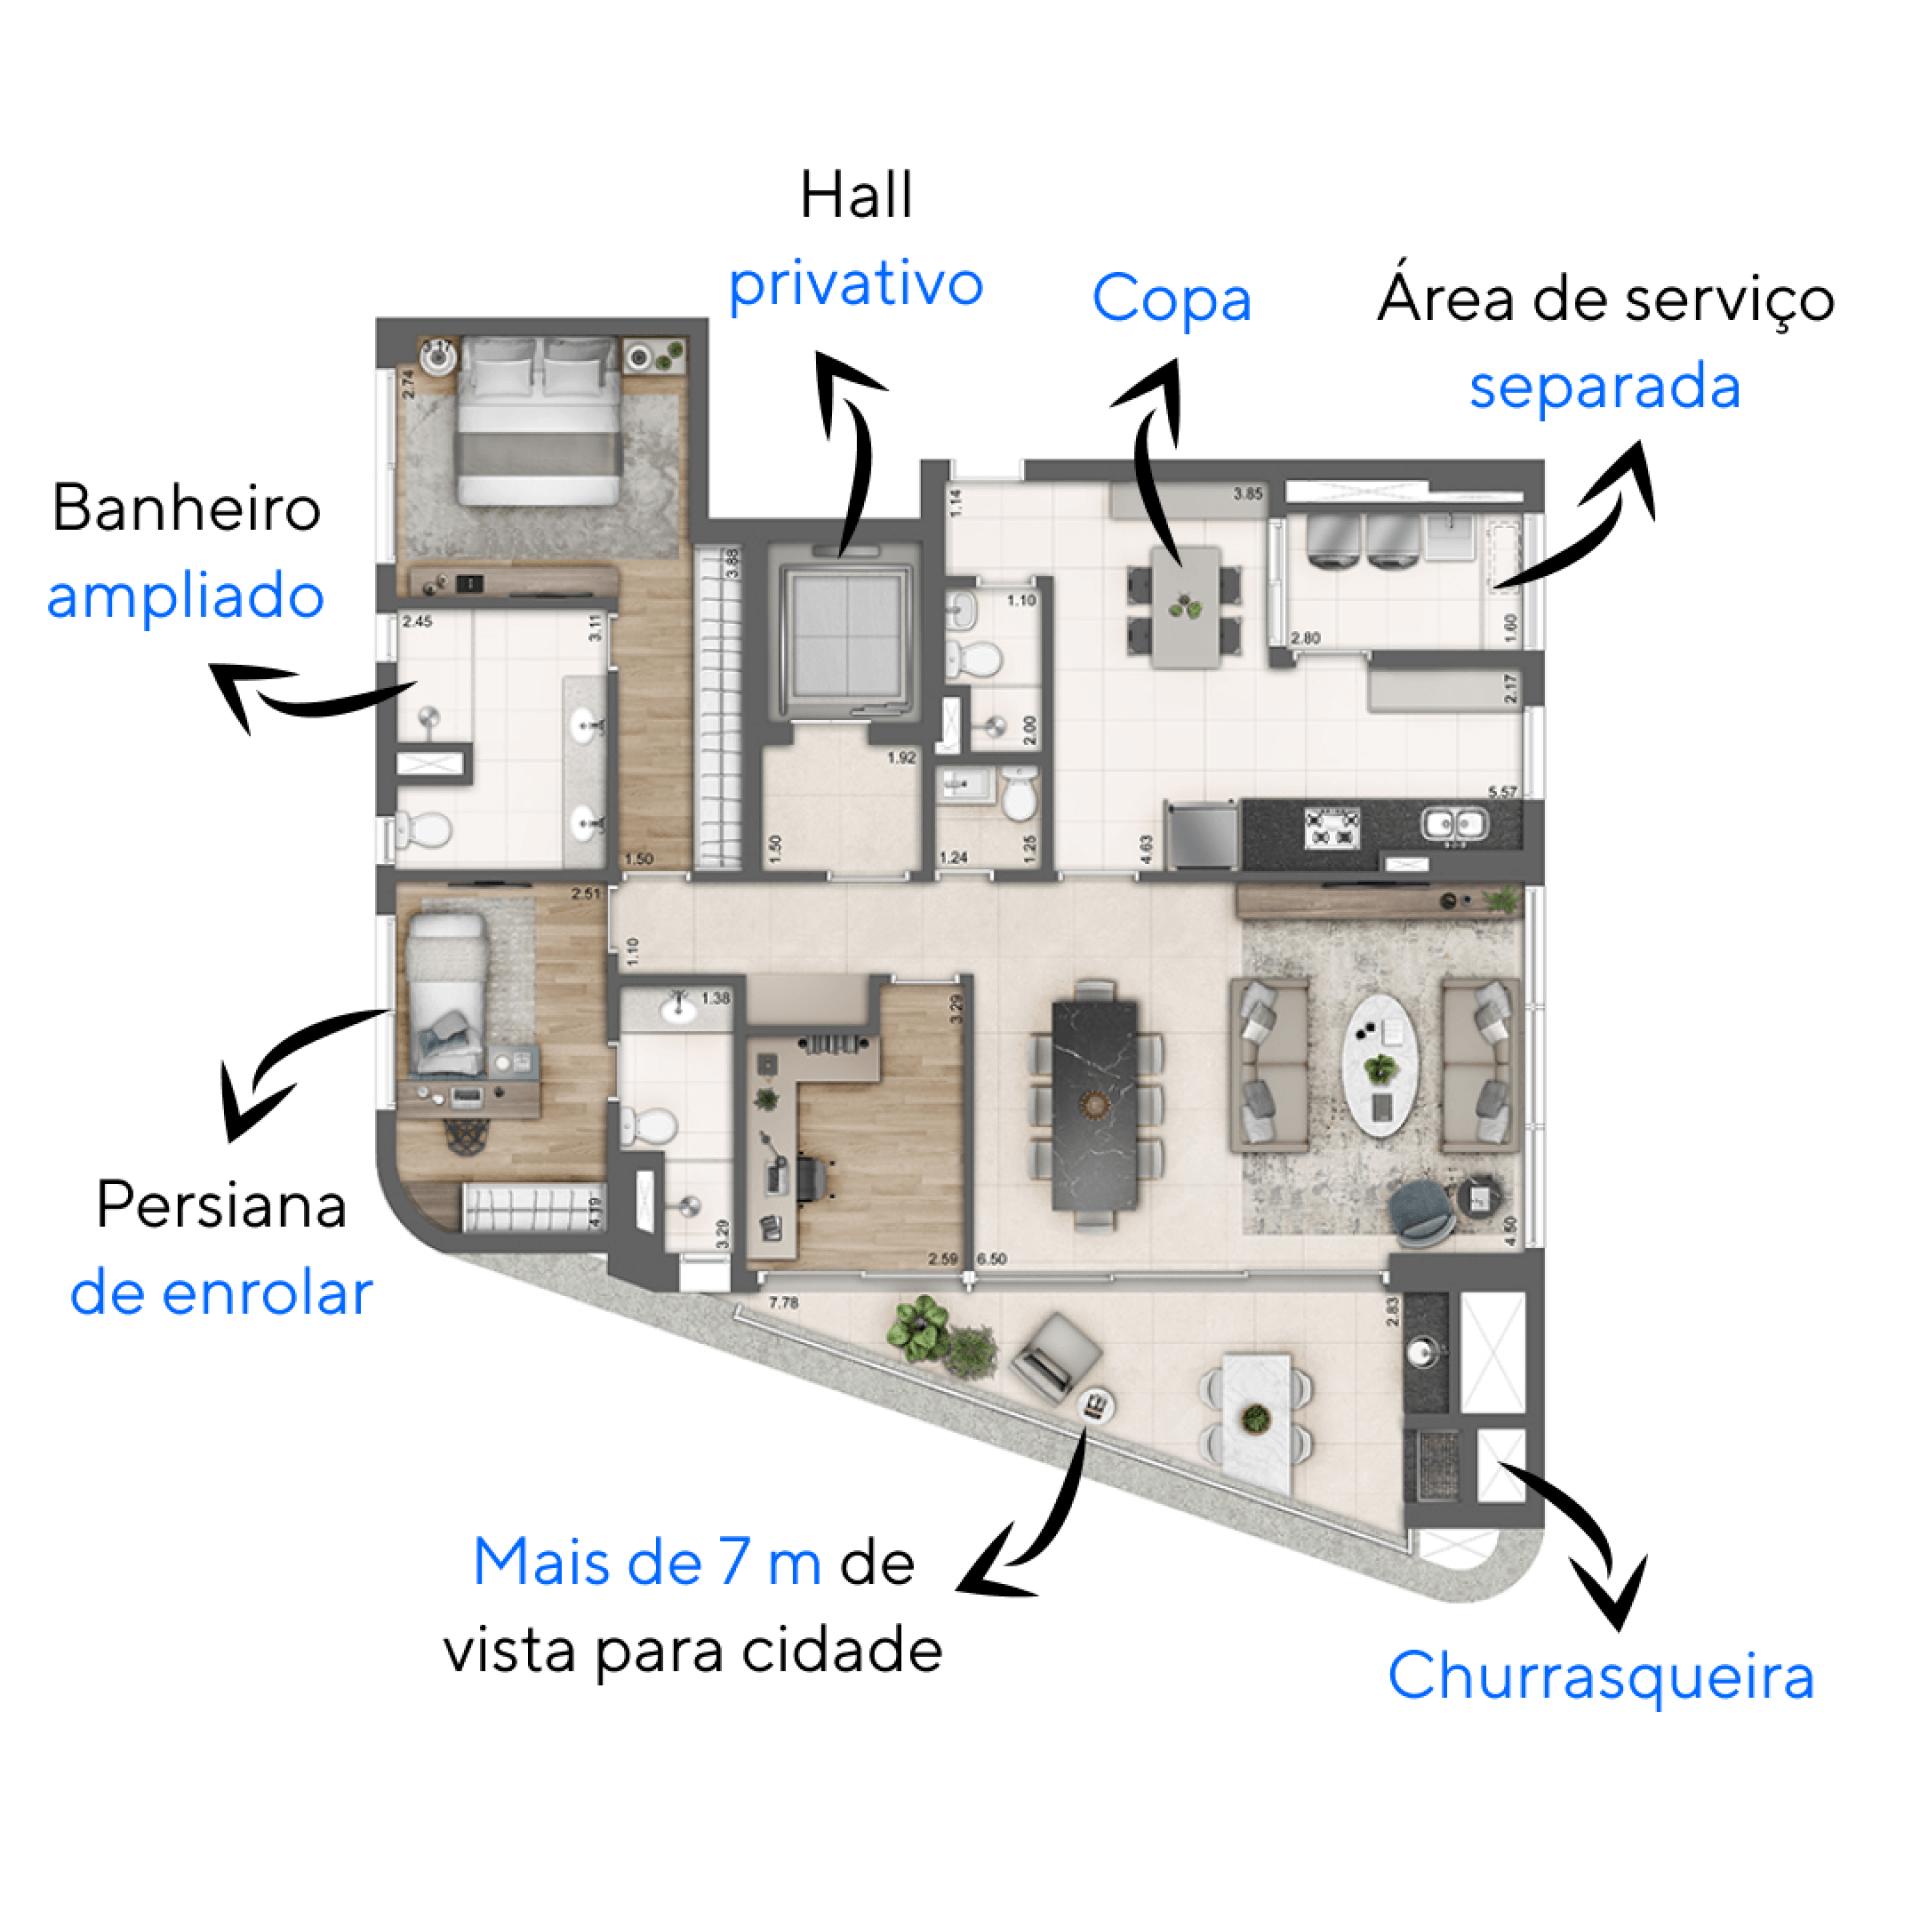 152 M² - 2 SUÍTES. Apartamentos do Arcos Itaim com hall privativo que da acesso a ampla área social integrada ao terraço. O apartamento possui duas suítes completa e um escritório, uma configuração ideal para quem quer ter um espaço home office.